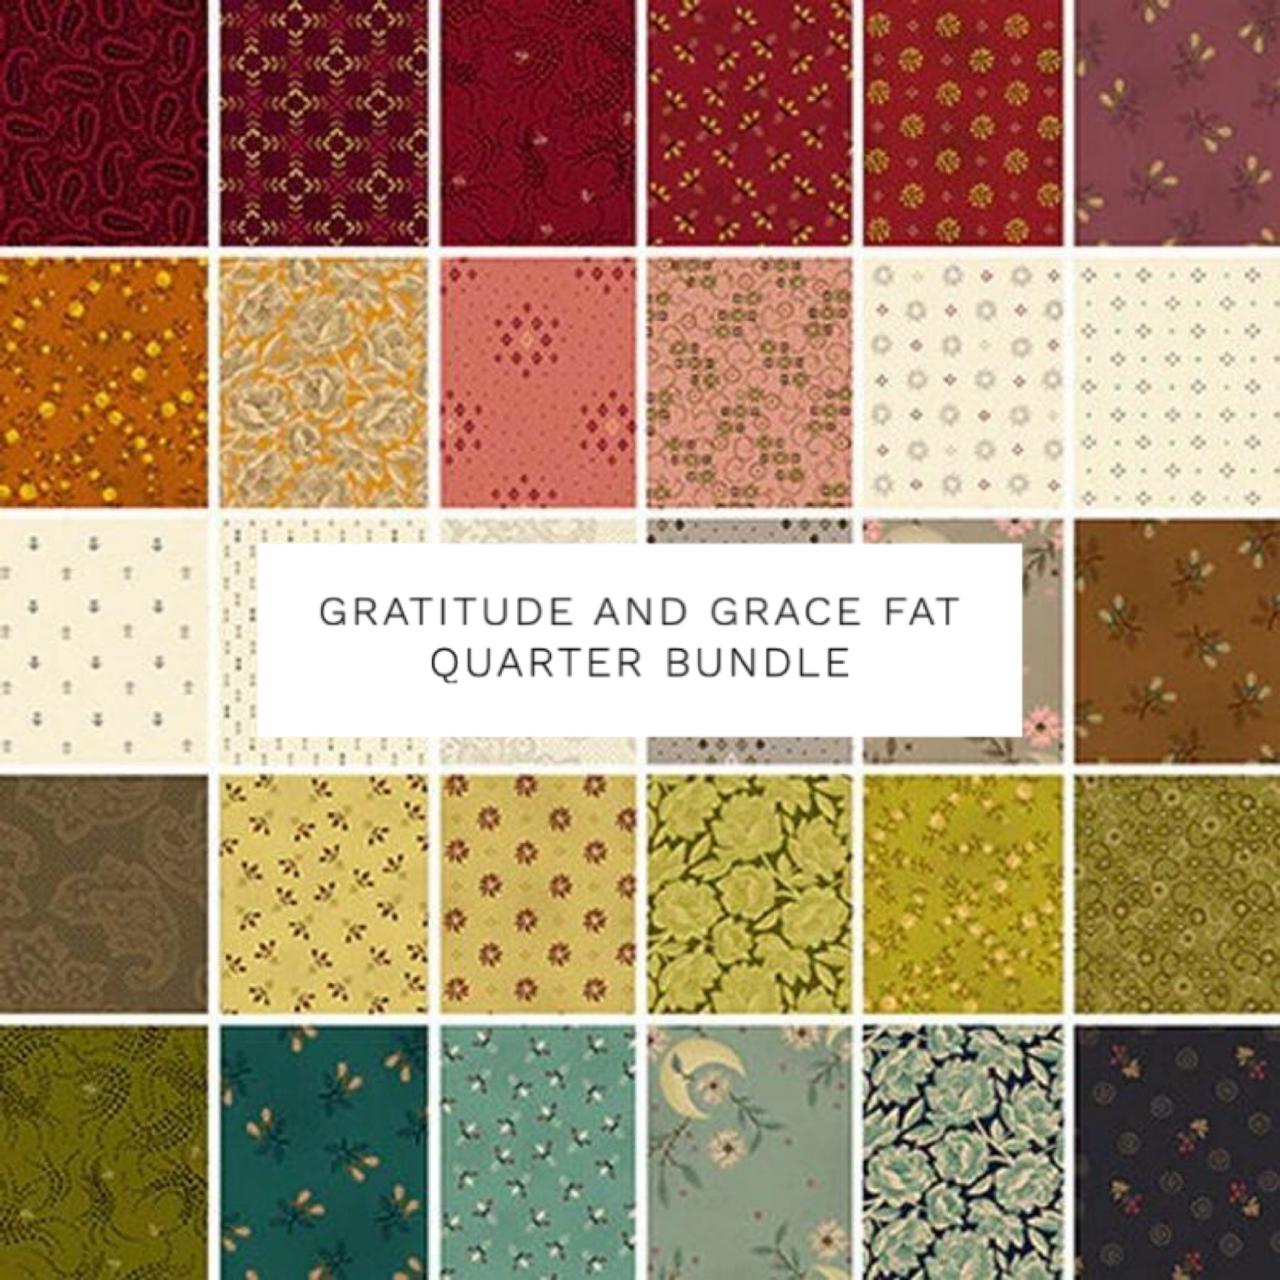 Gratitude and Grace Fat Quarter Bundle